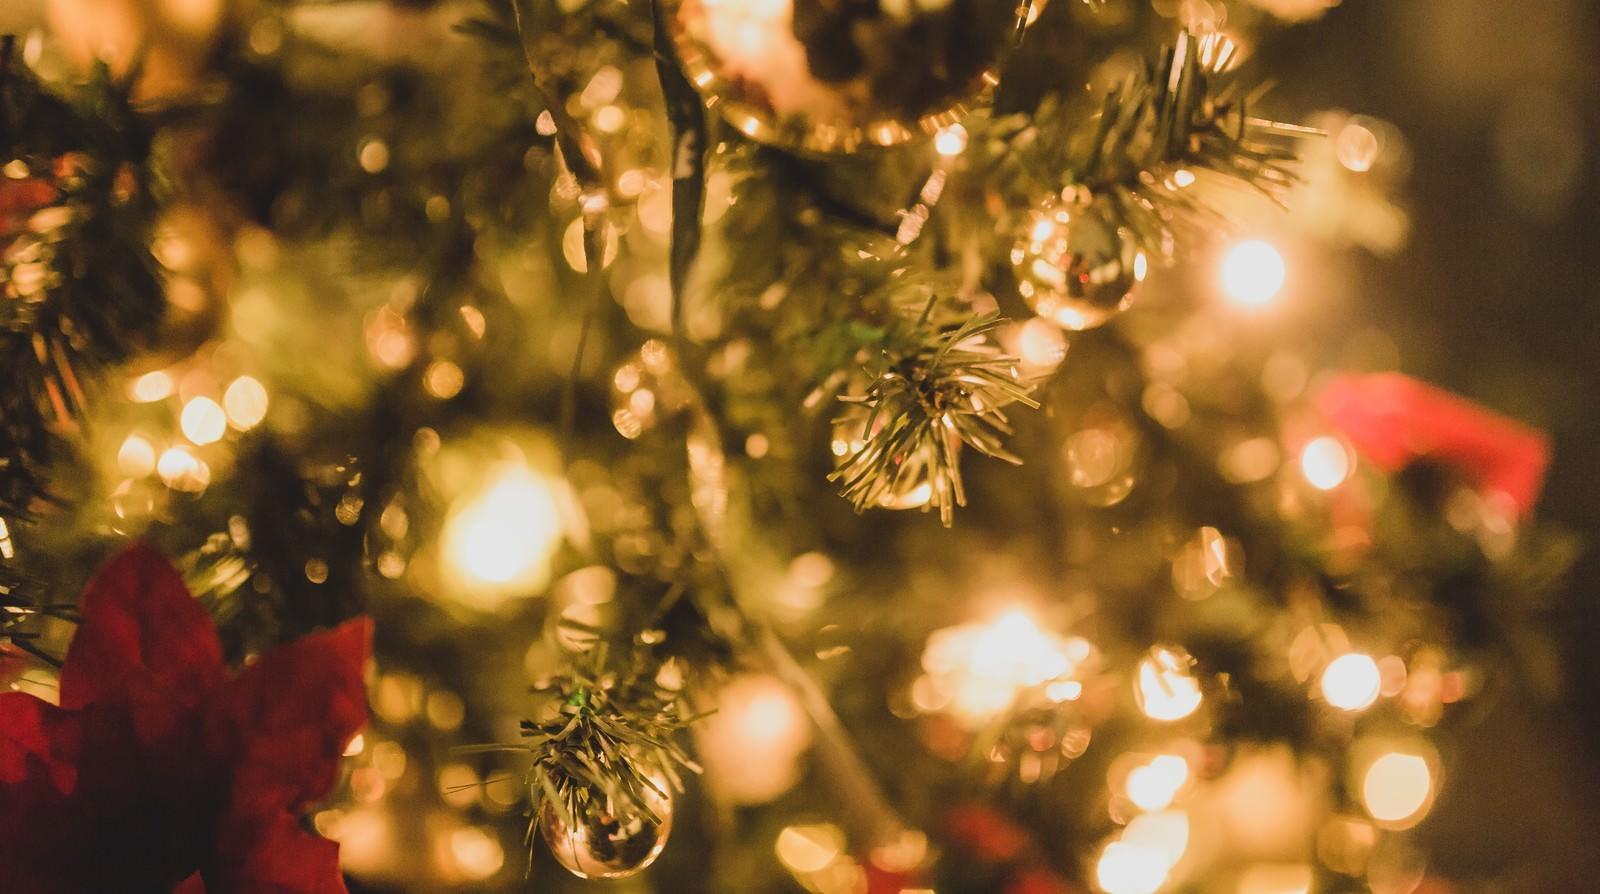 「クリスマスツリーと装飾」の写真